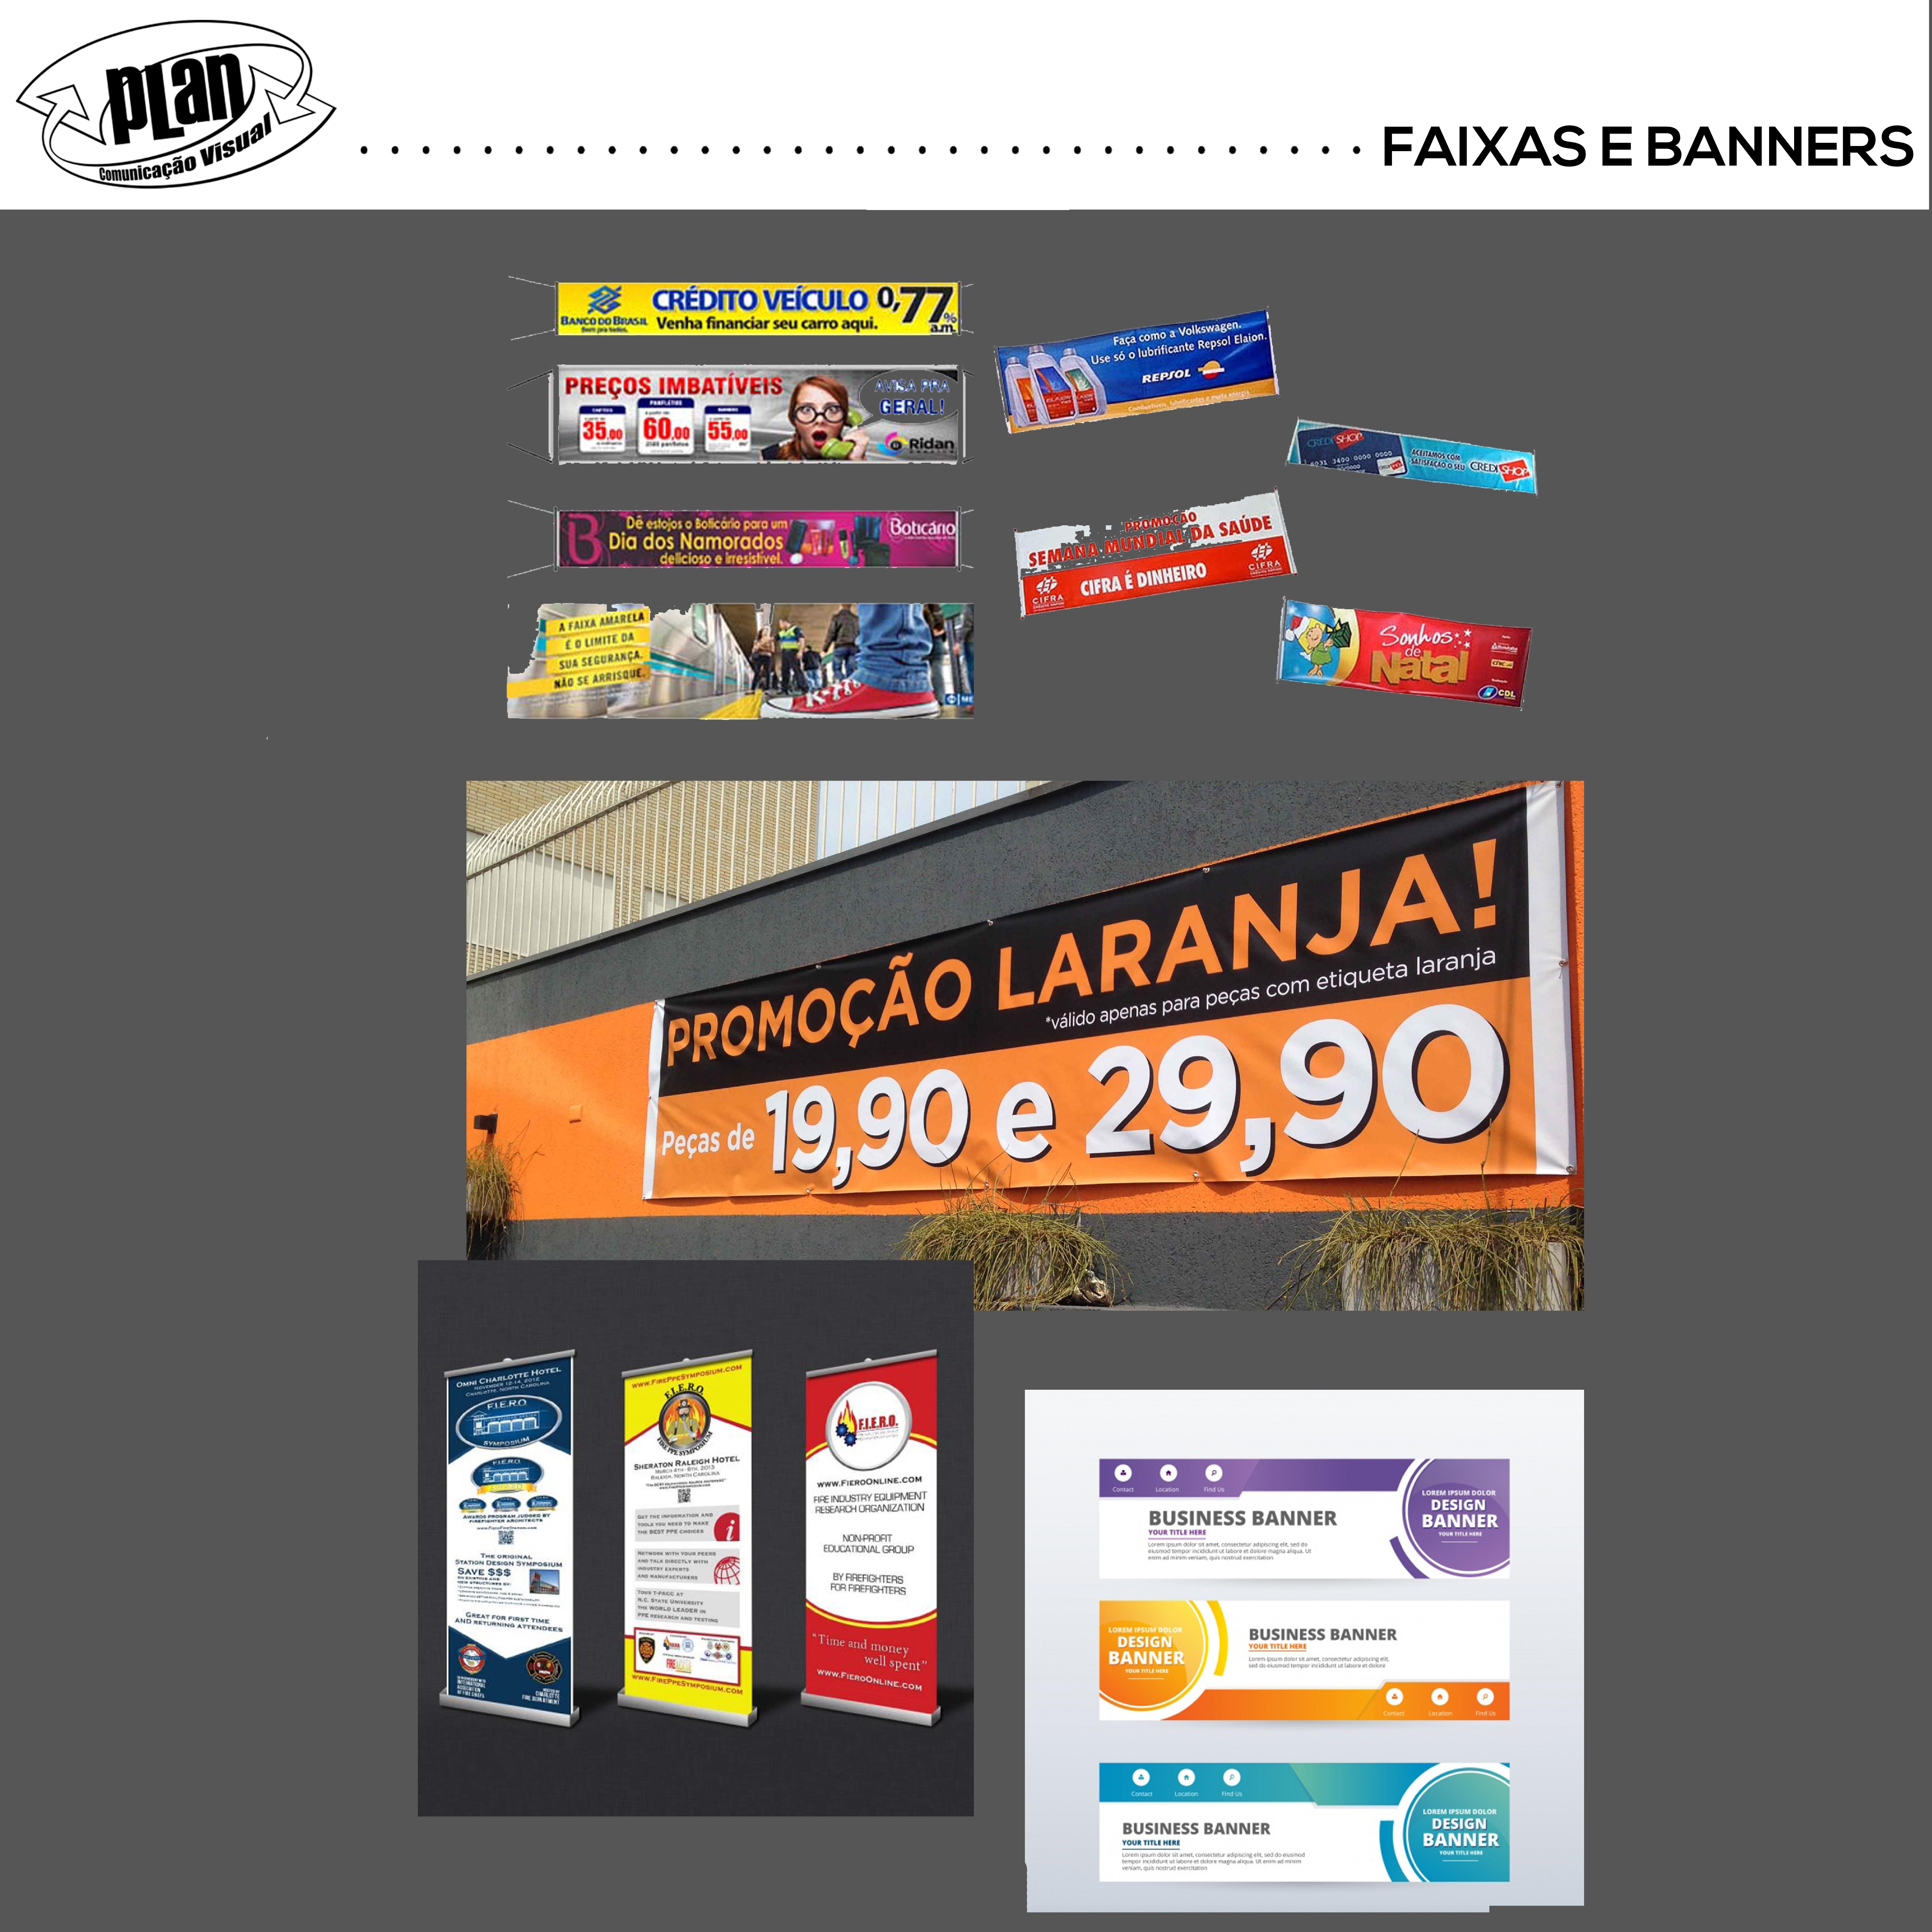 FAIXAS E BANNERS